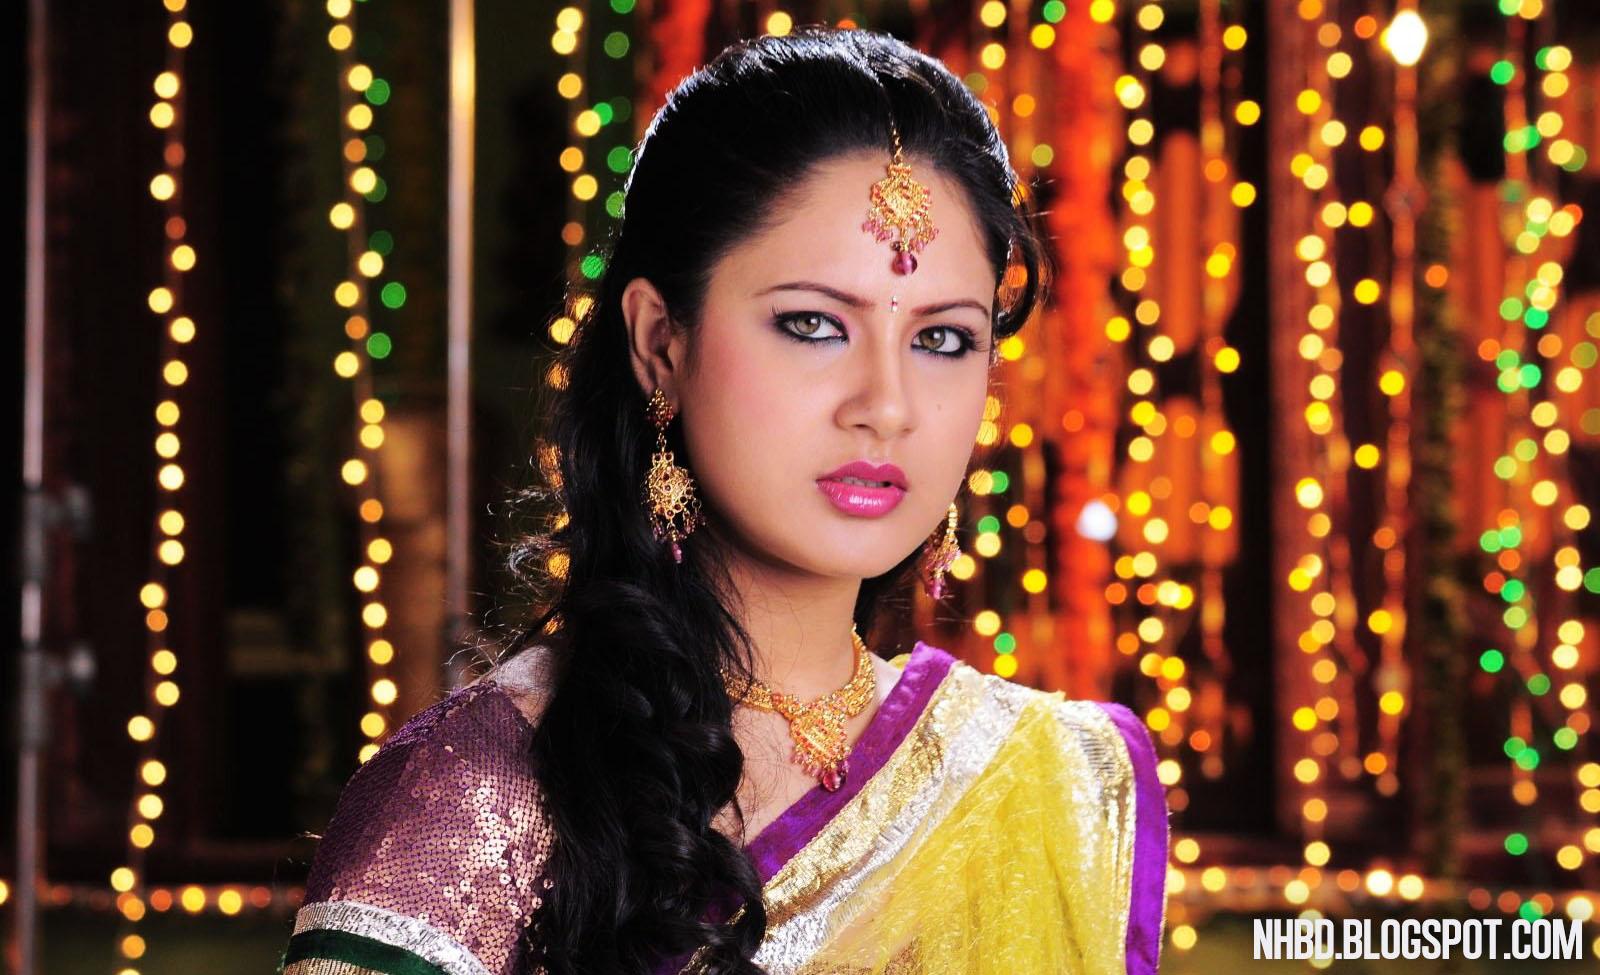 Hd Wallpaper Download Cute Pooja Bose Kolkata Bangla Movie Actress New -3539